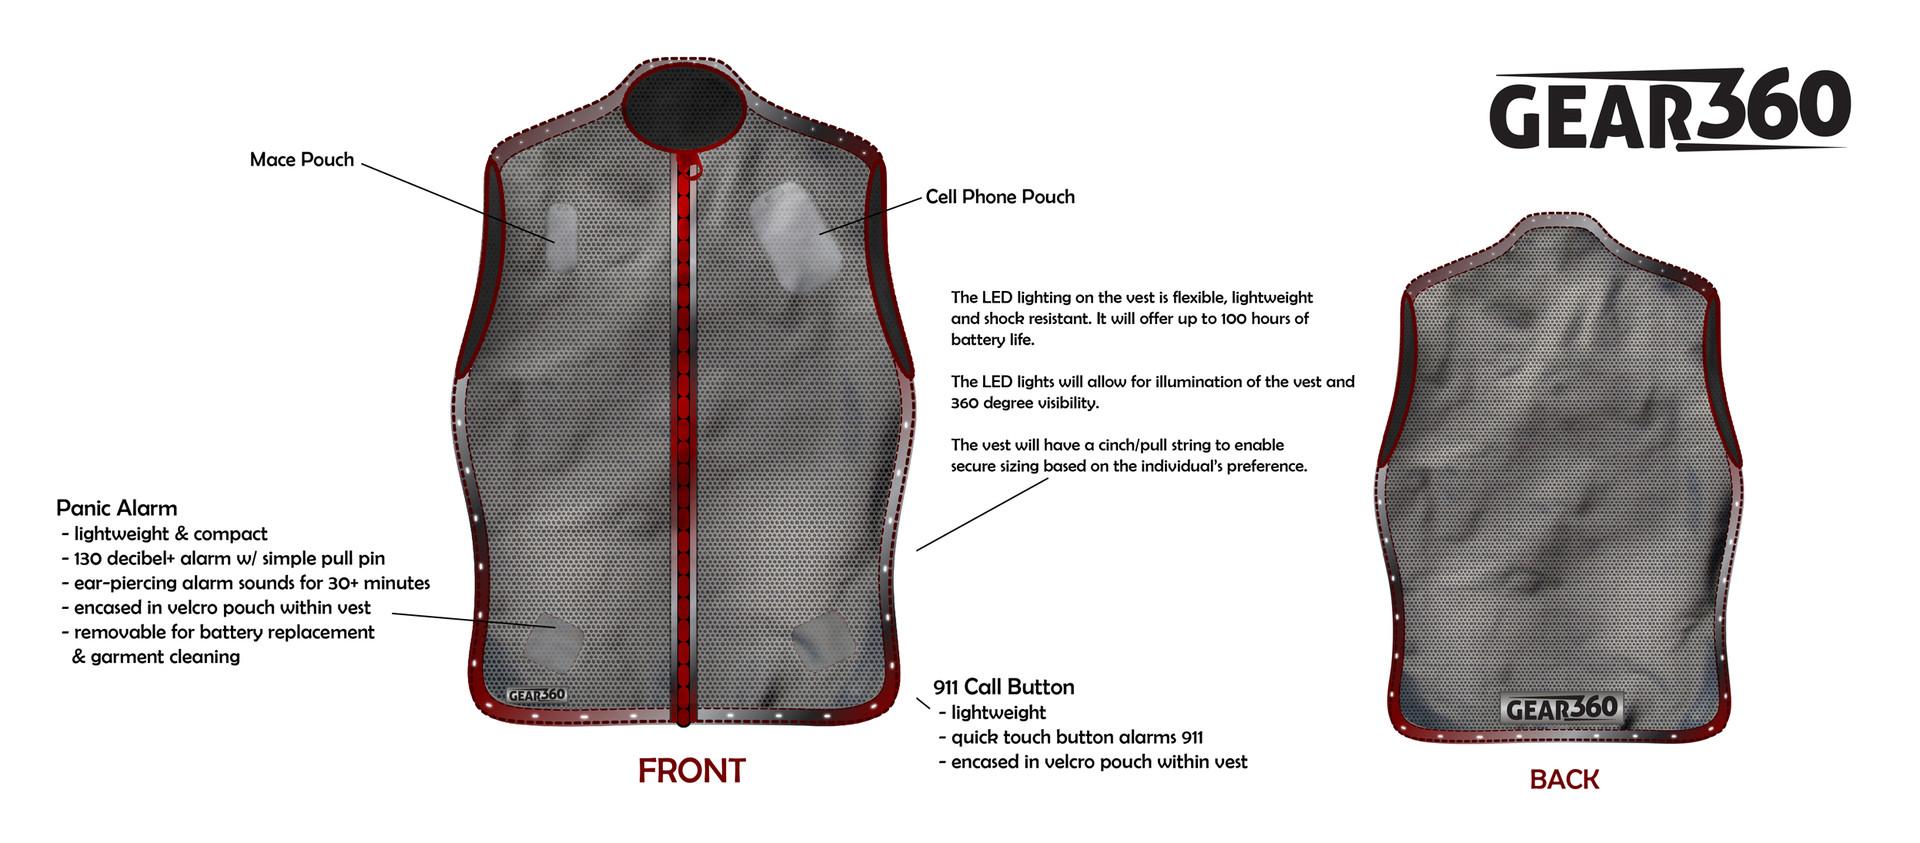 Gear 360 Apparel Design